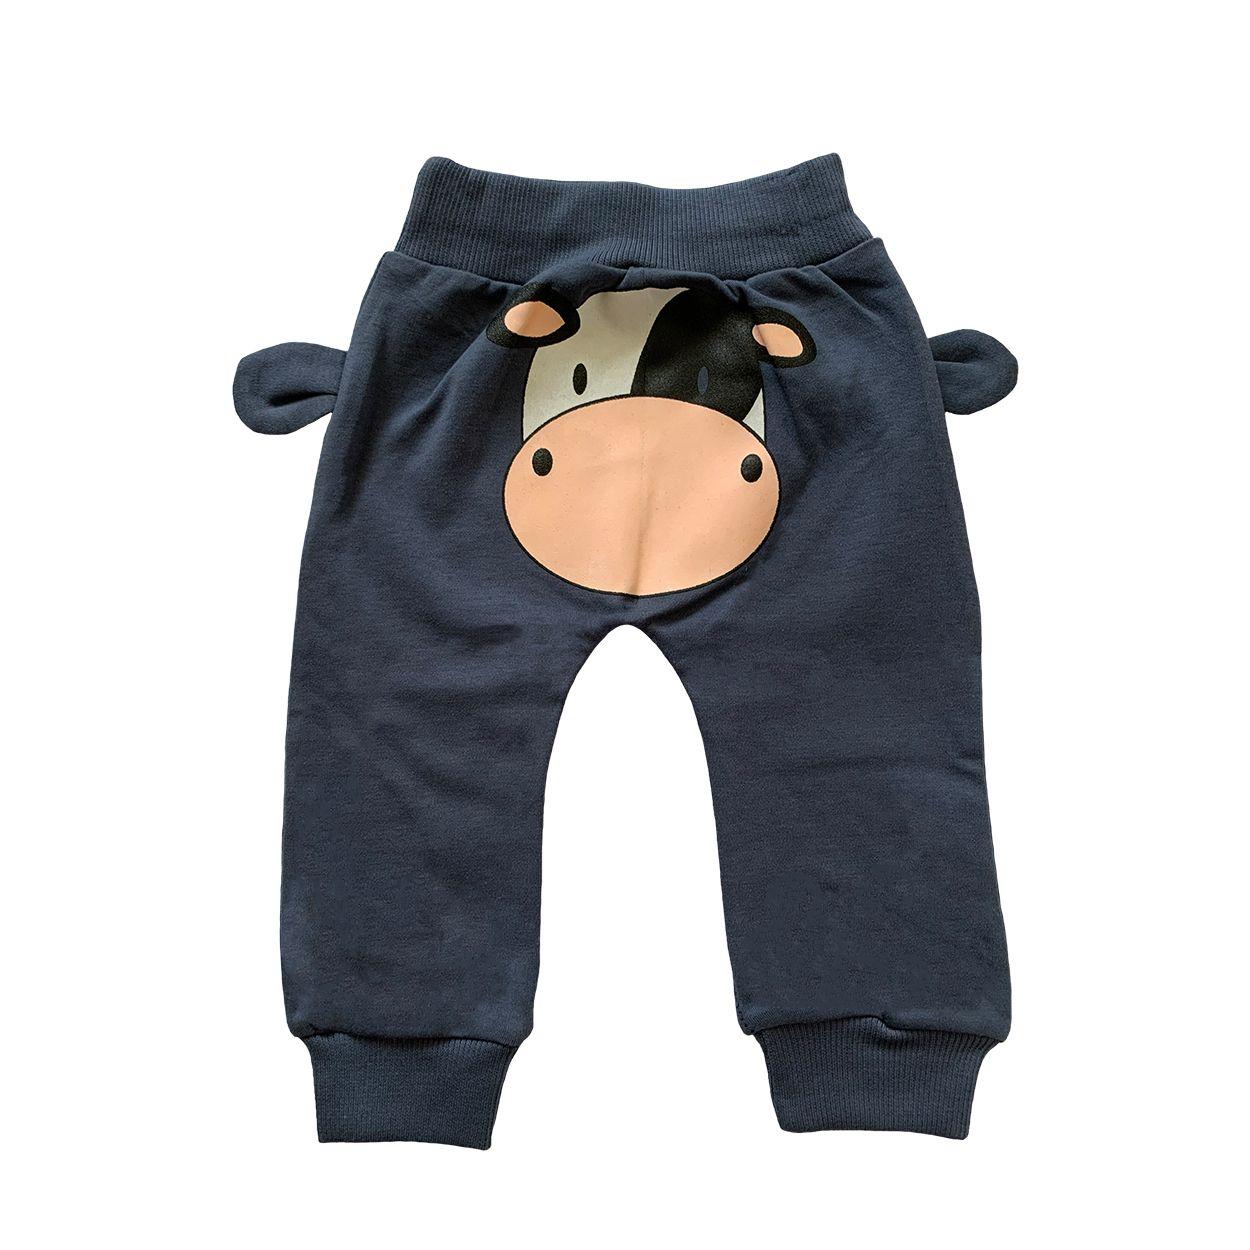 ست تی شرت و شلوار نوزادی طرح گاو کد FF-080 -  - 4